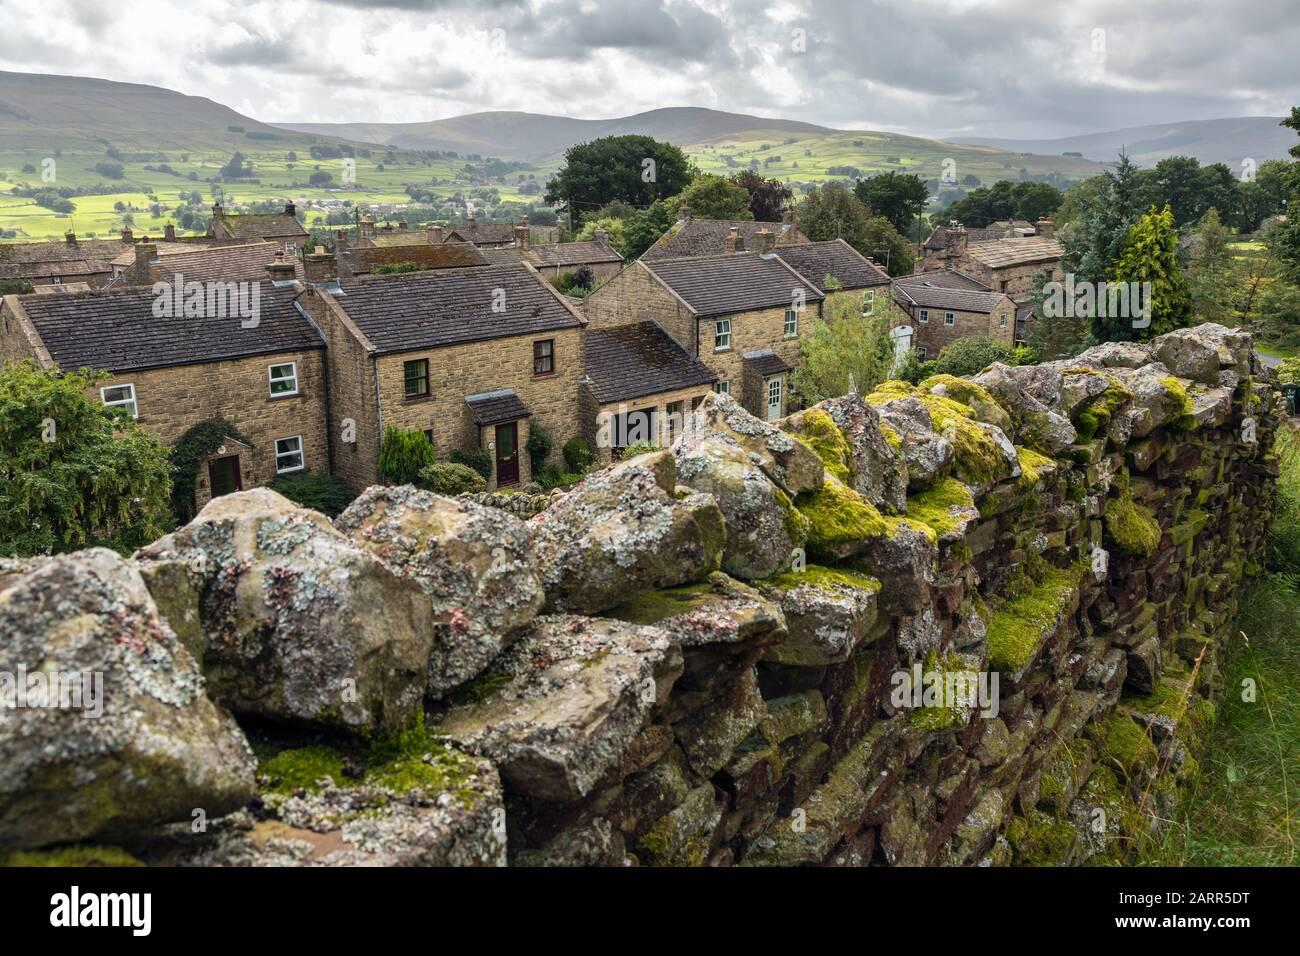 El pequeño y pintoresco pueblo de Sedbusk en Wensleydale, Yorkshire Dales National Park, Inglaterra Foto de stock